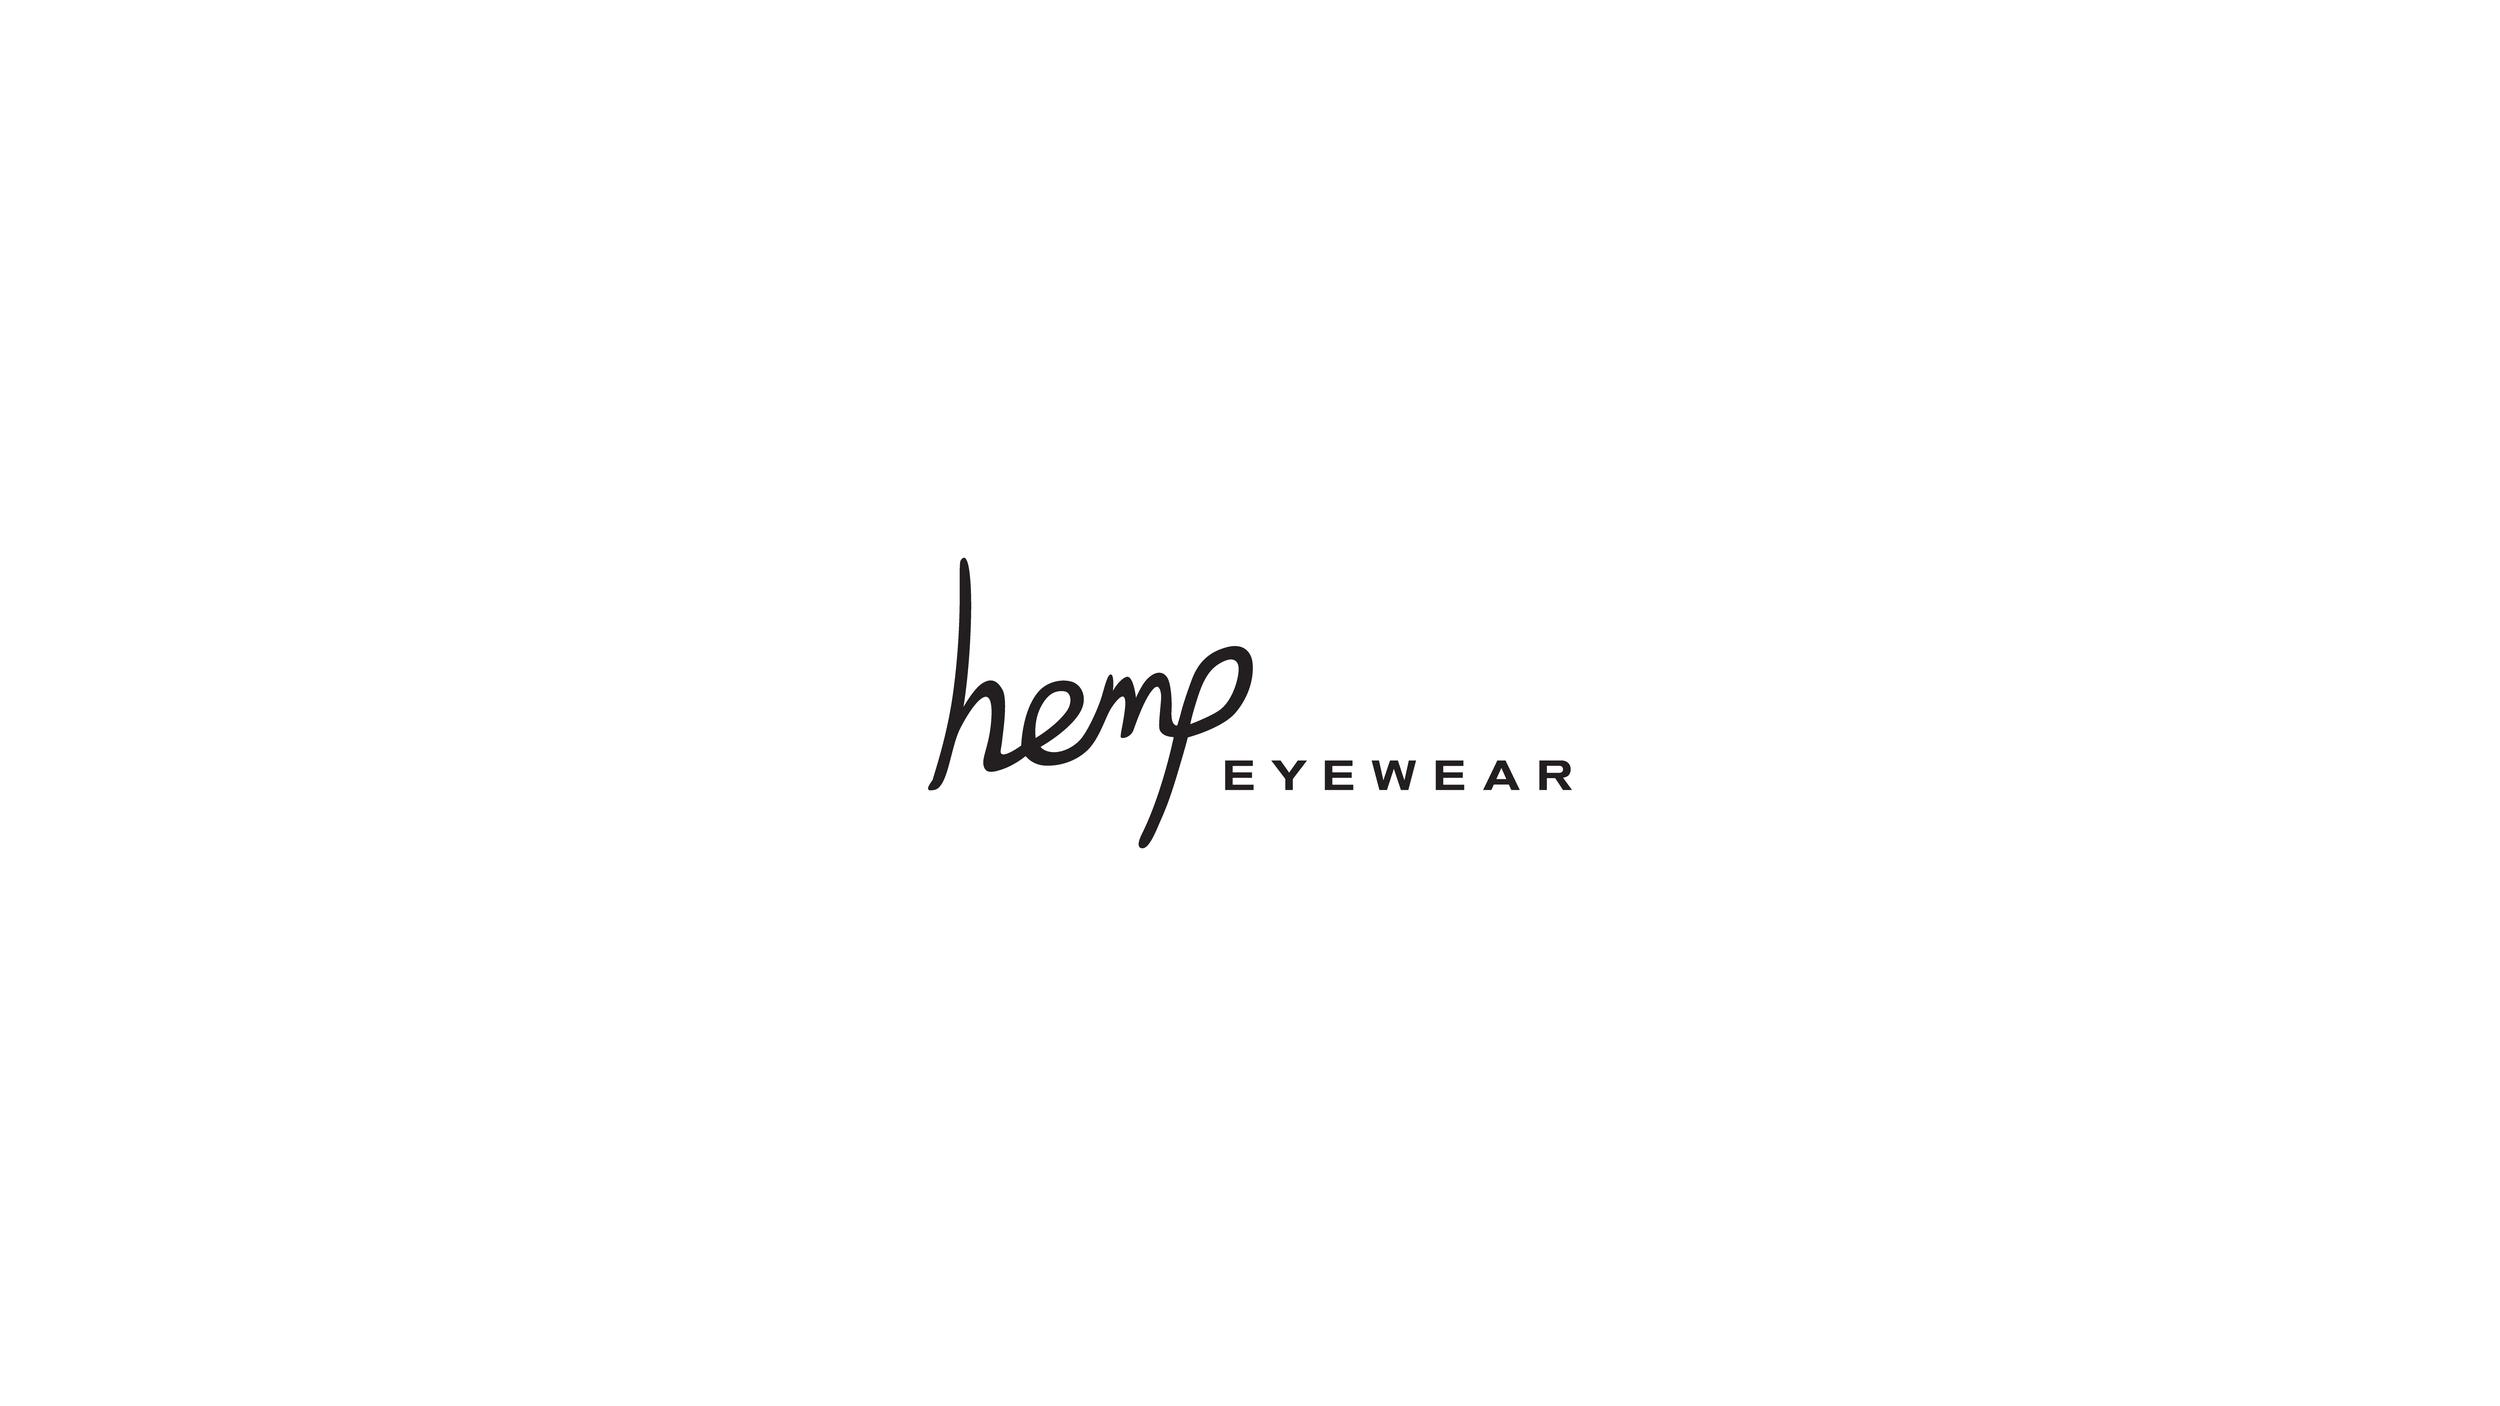 Assets-Website-Portfolio-HempEyewear-Logo-01.png